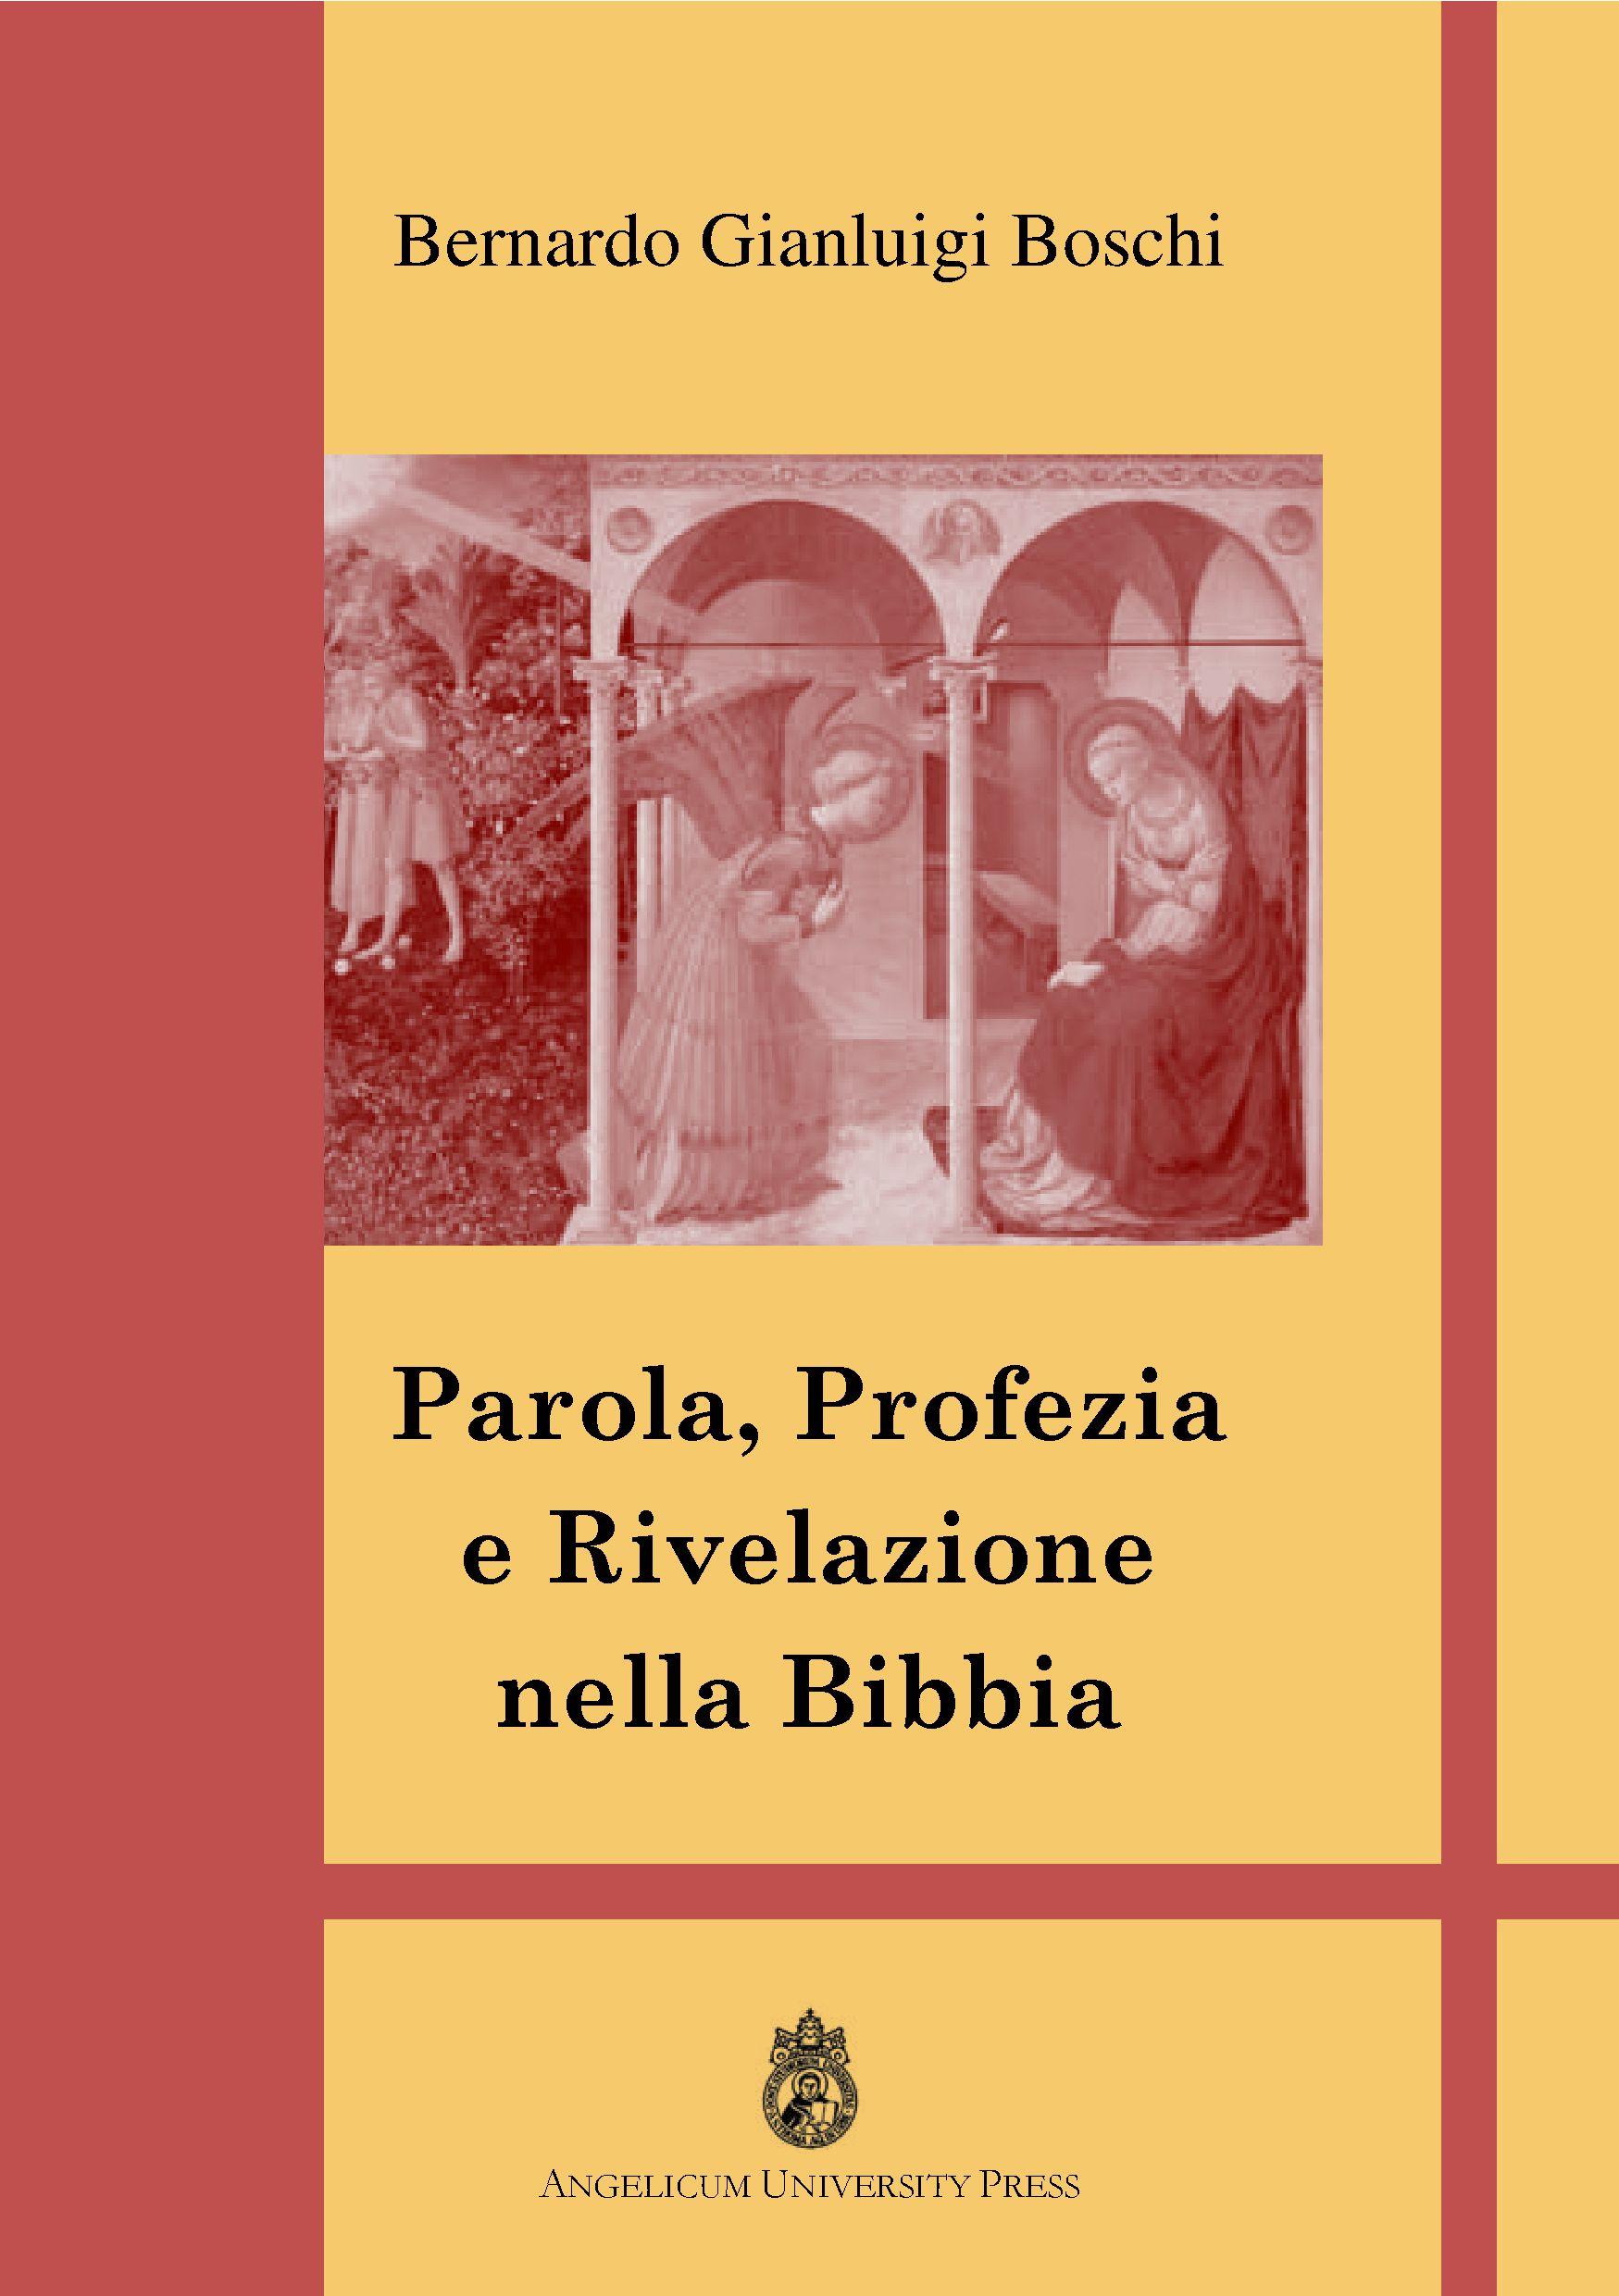 Parola, Profezia e Rivelazione nella Bibbia book cover